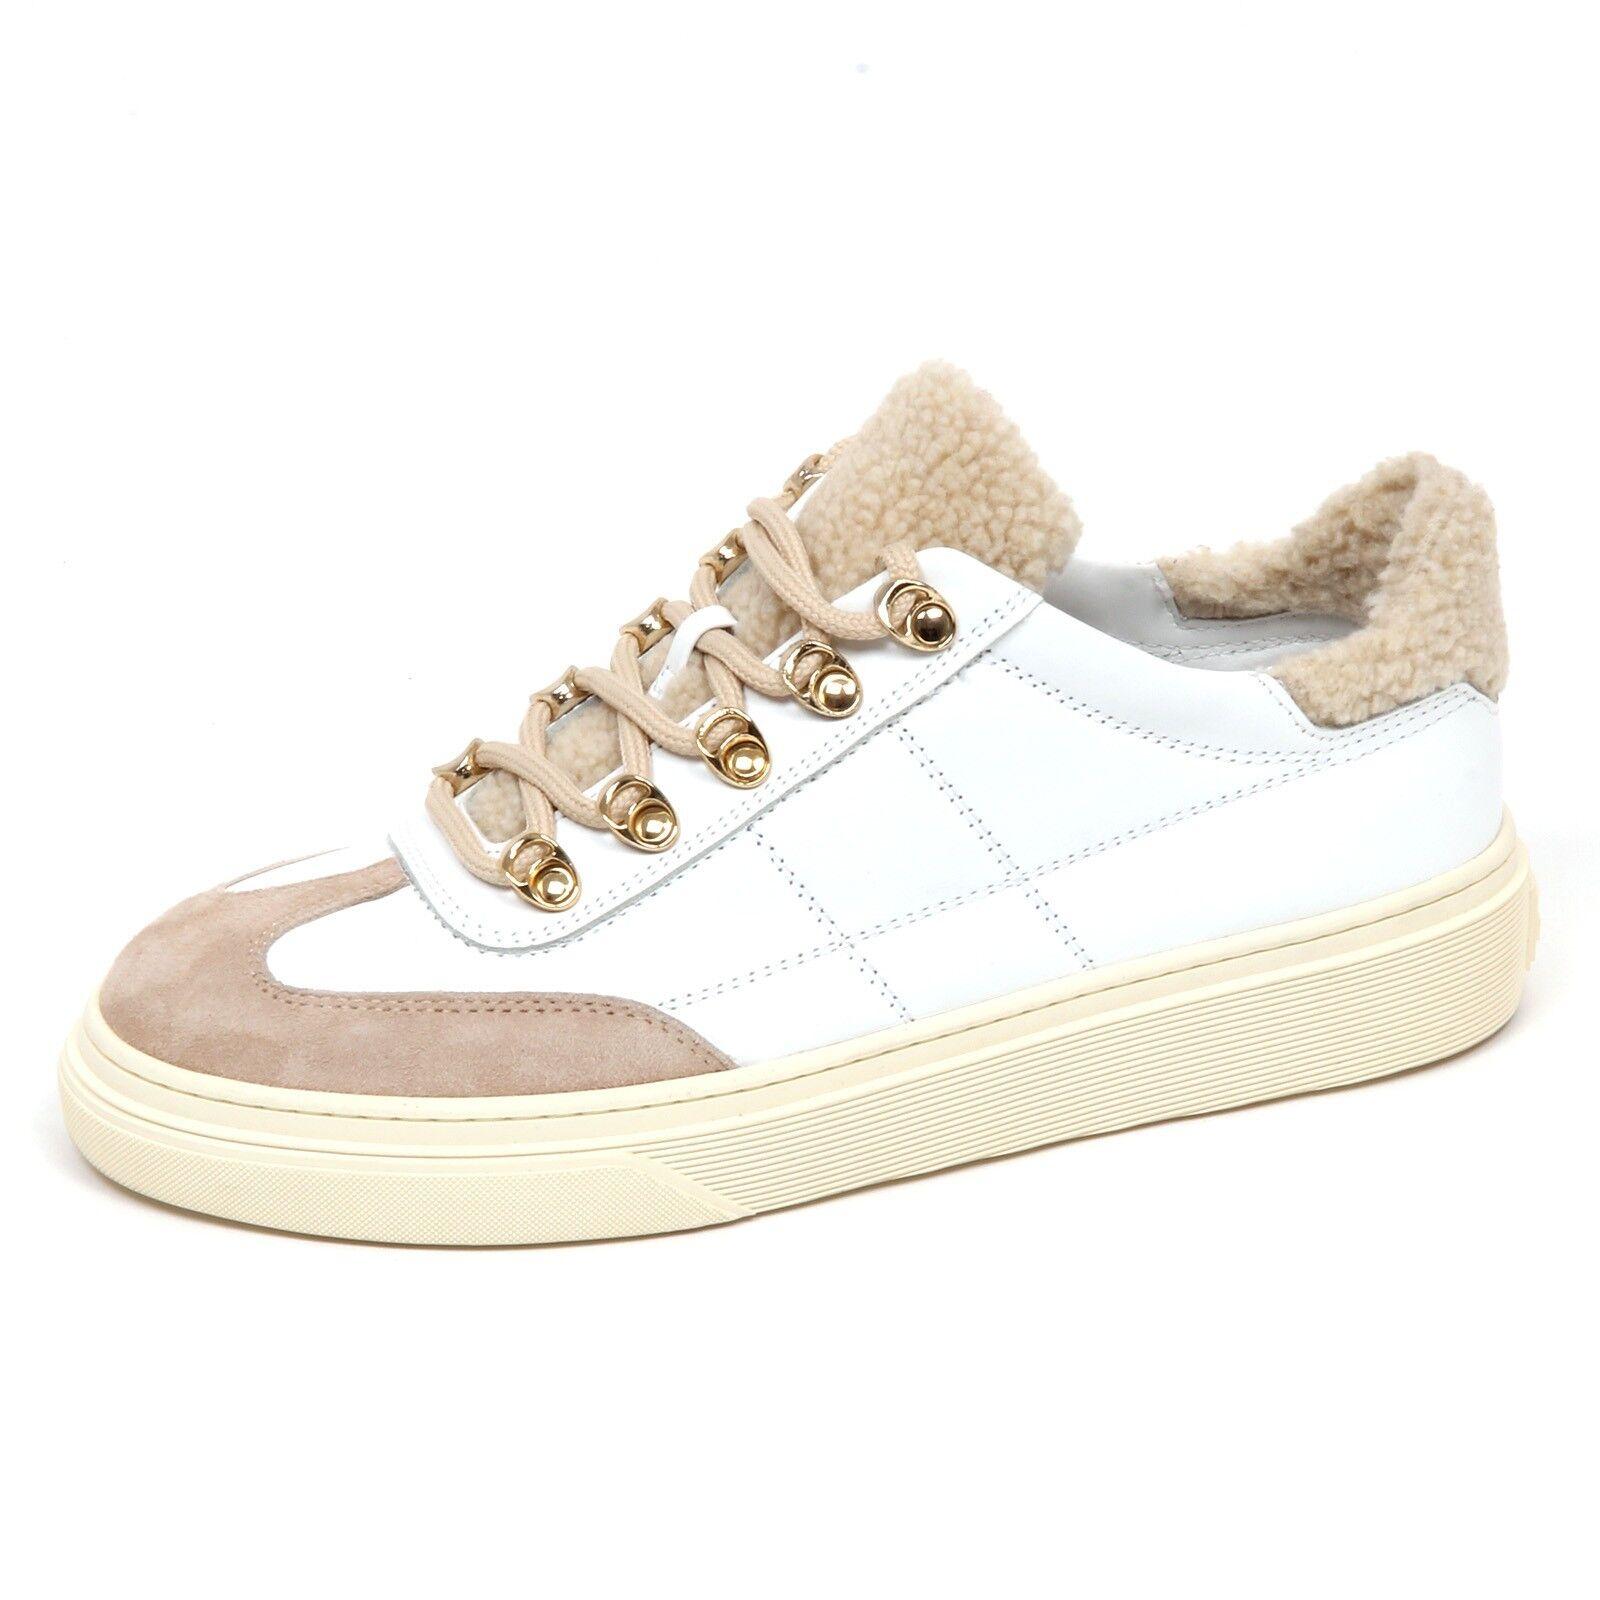 E2880 Hogan Sneaker women Beige Bianco H340 shoes ecopelo shoes Woman